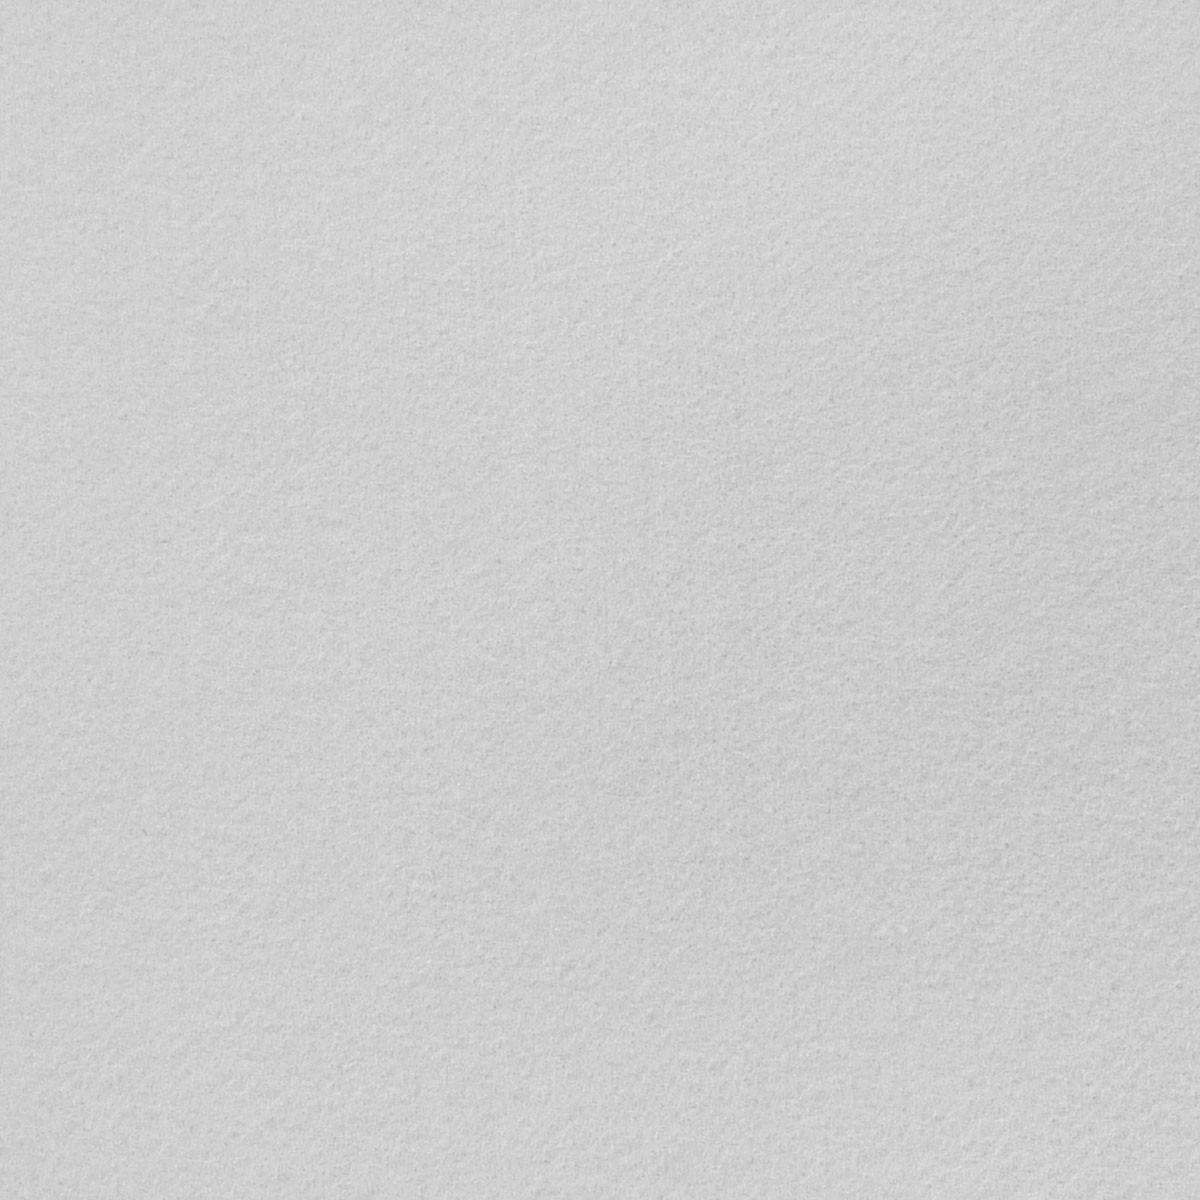 Kreativstoff Bastelfilz einfarbig weiß 45cm Breite 4mm Stärke